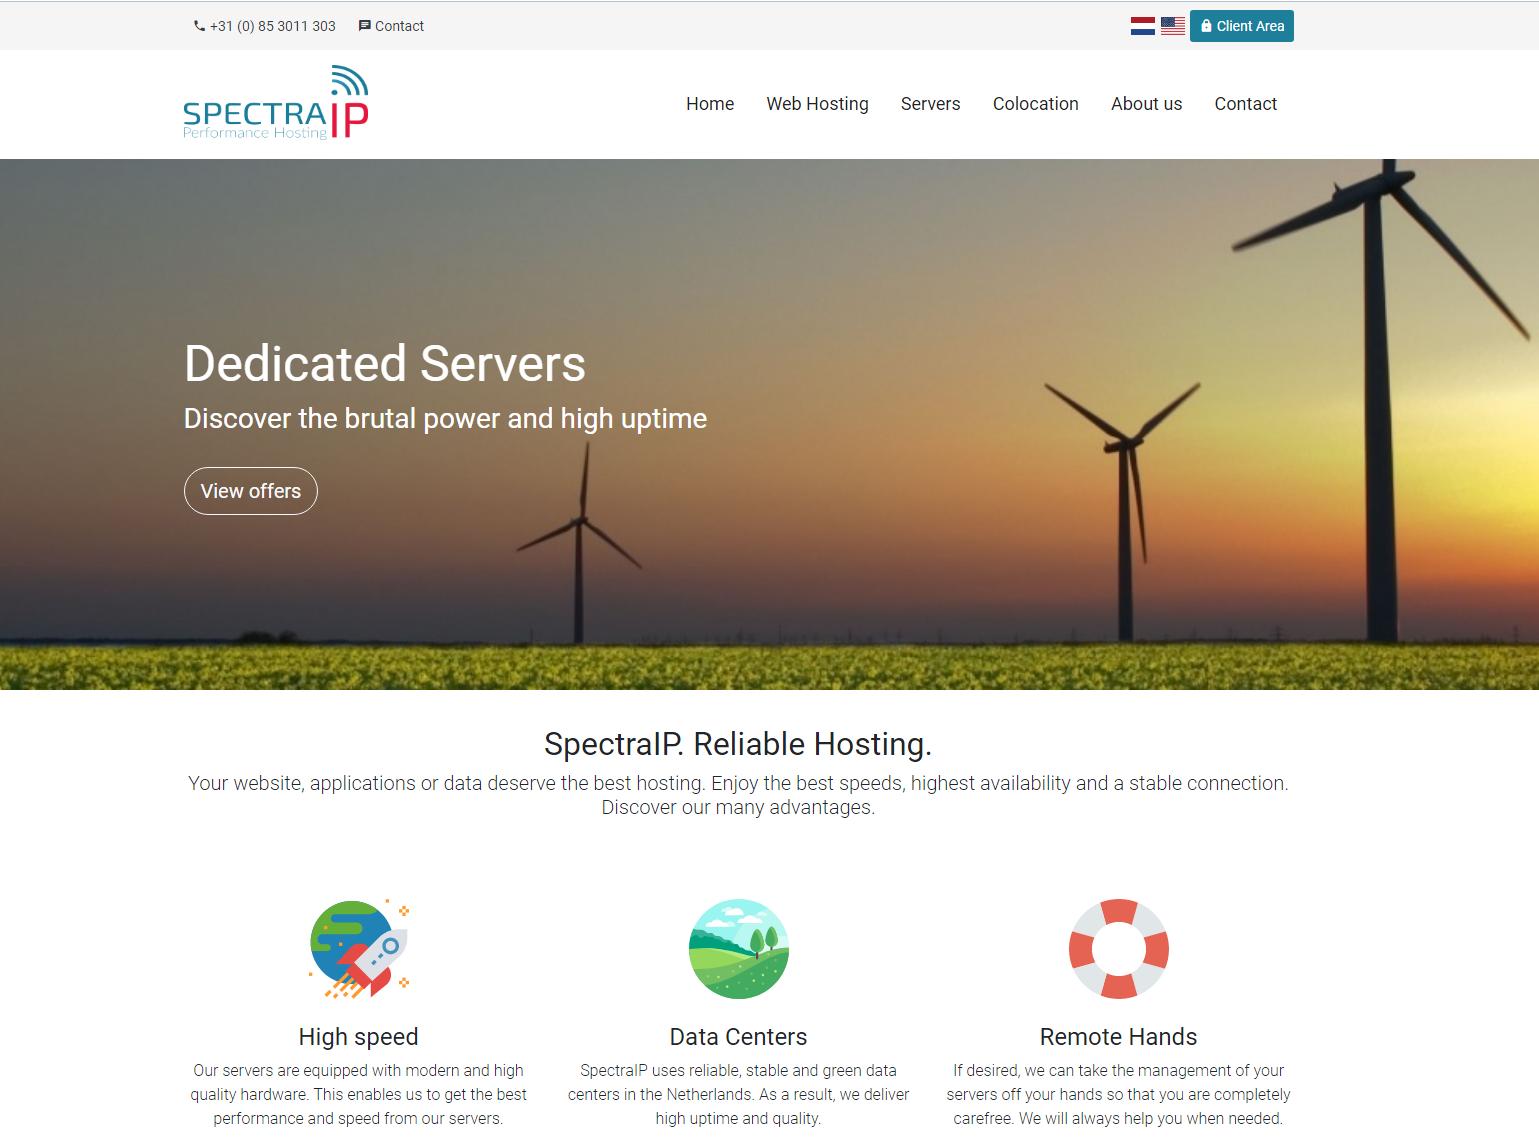 SpectraIP - VPS Hosting Provider